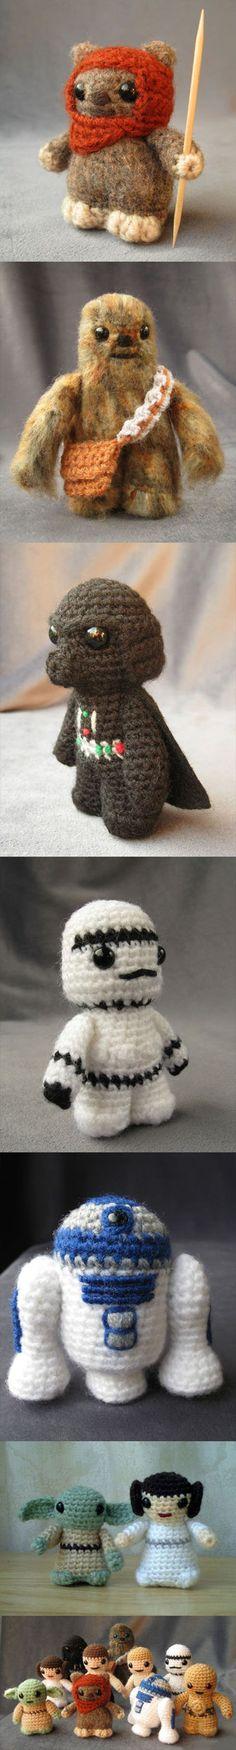 Star Wars: The Crochet Awakens